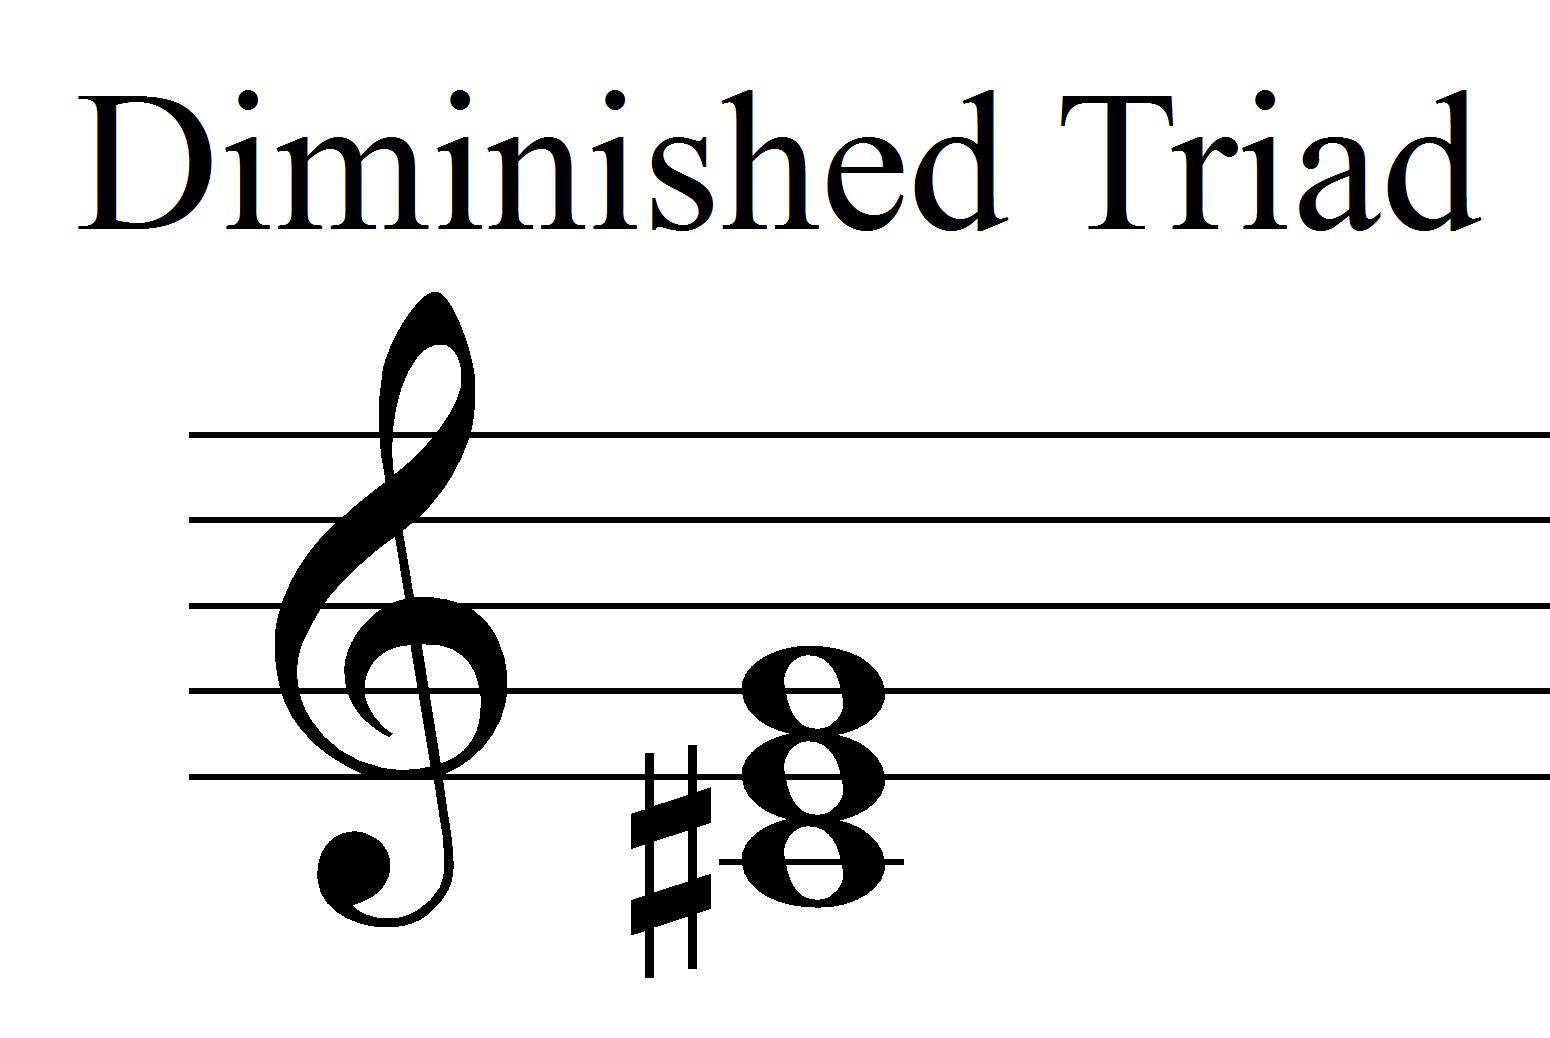 F Diminished Triad Bass Clef F Diminished Triad Bas...